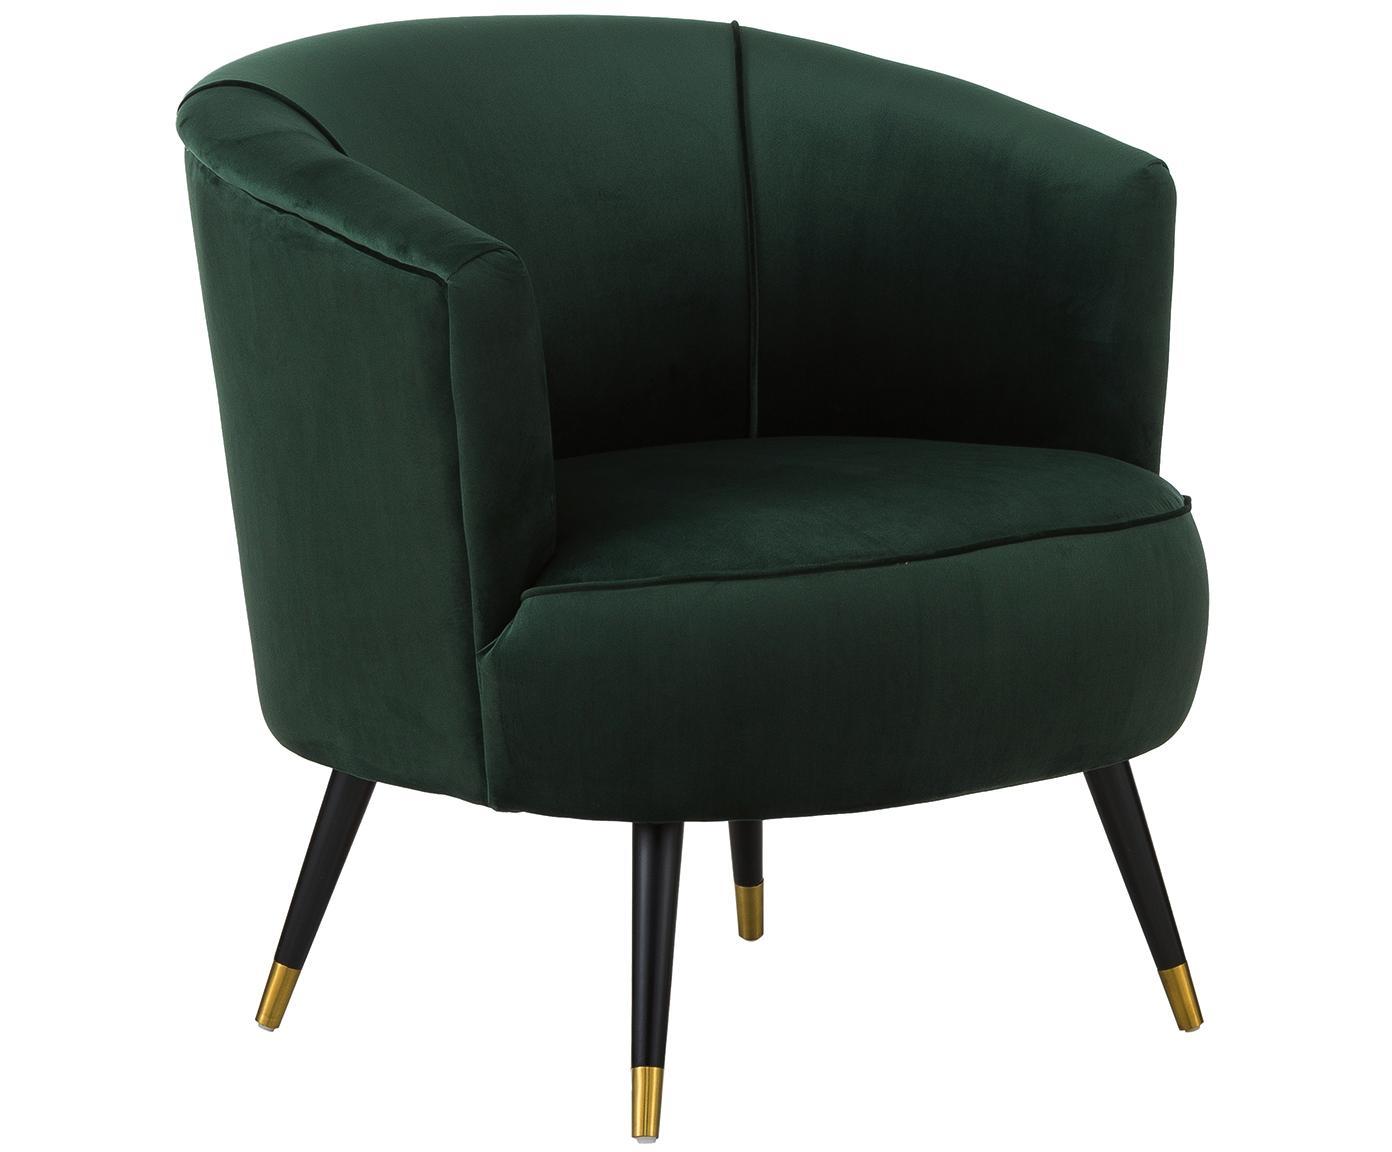 Fotel z aksamitu Ella, Tapicerka: aksamit (poliester) 5000, Nogi: metal lakierowany, Aksamitny ciemny zielony, S 74 x G 78 cm